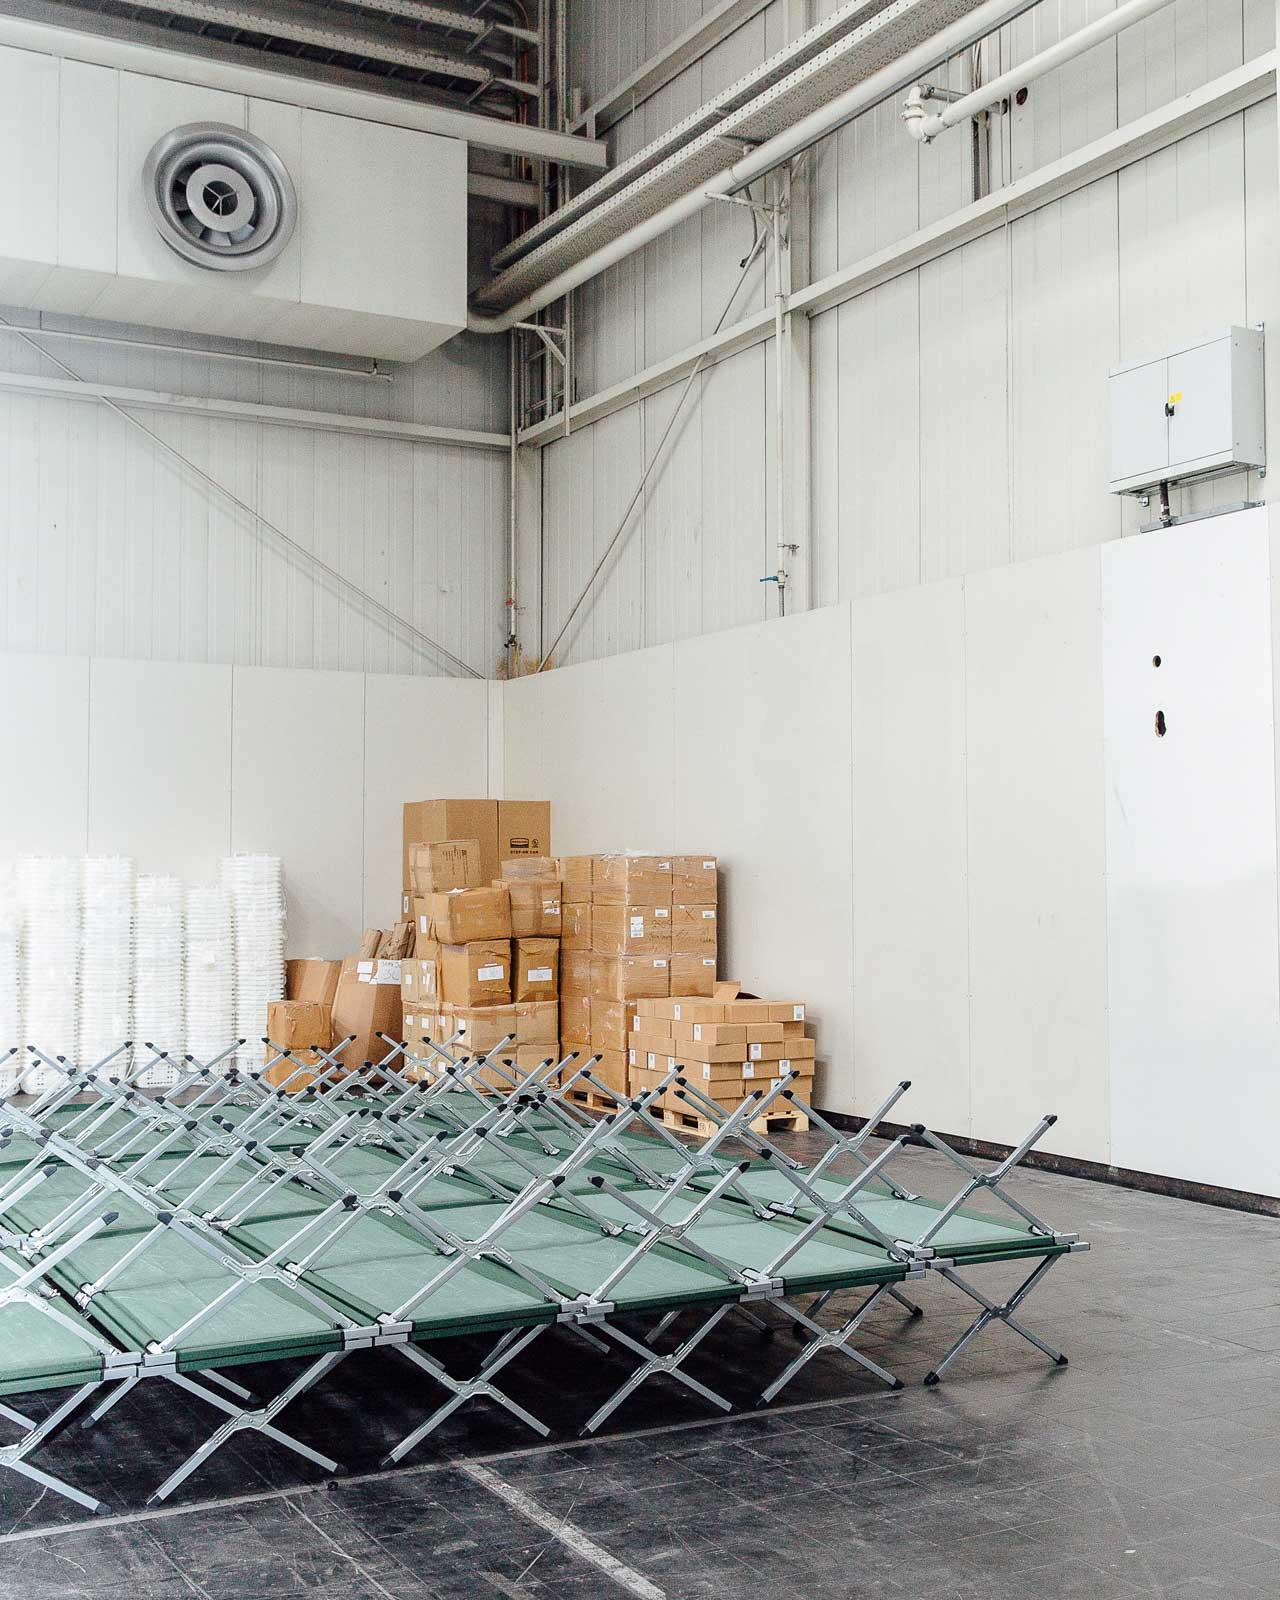 Die Messehalle 21 in Hannover wird angesichts der großen Herausforderungen in der Flüchtlingsunterbringung ab August 2015 vorübergehend als Notunterkunft genutzt. Foto: David Carreno